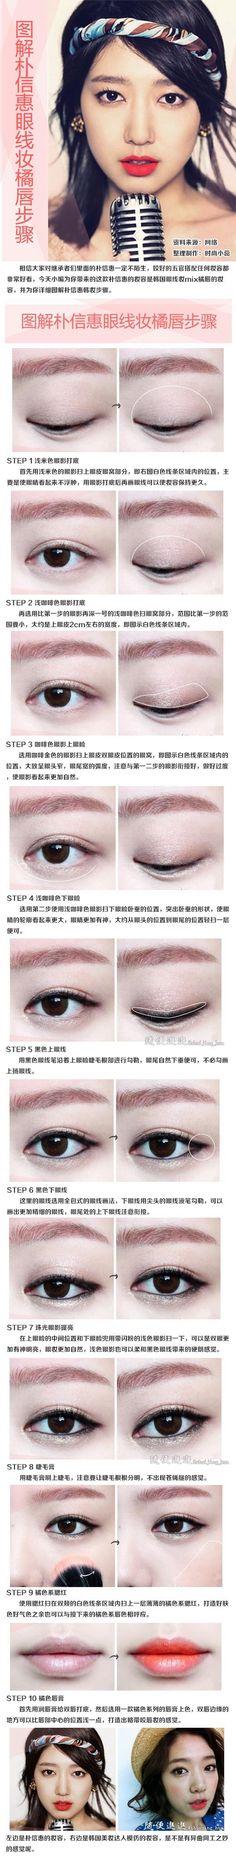 Park Shin Hye makeup look . 팍신혜